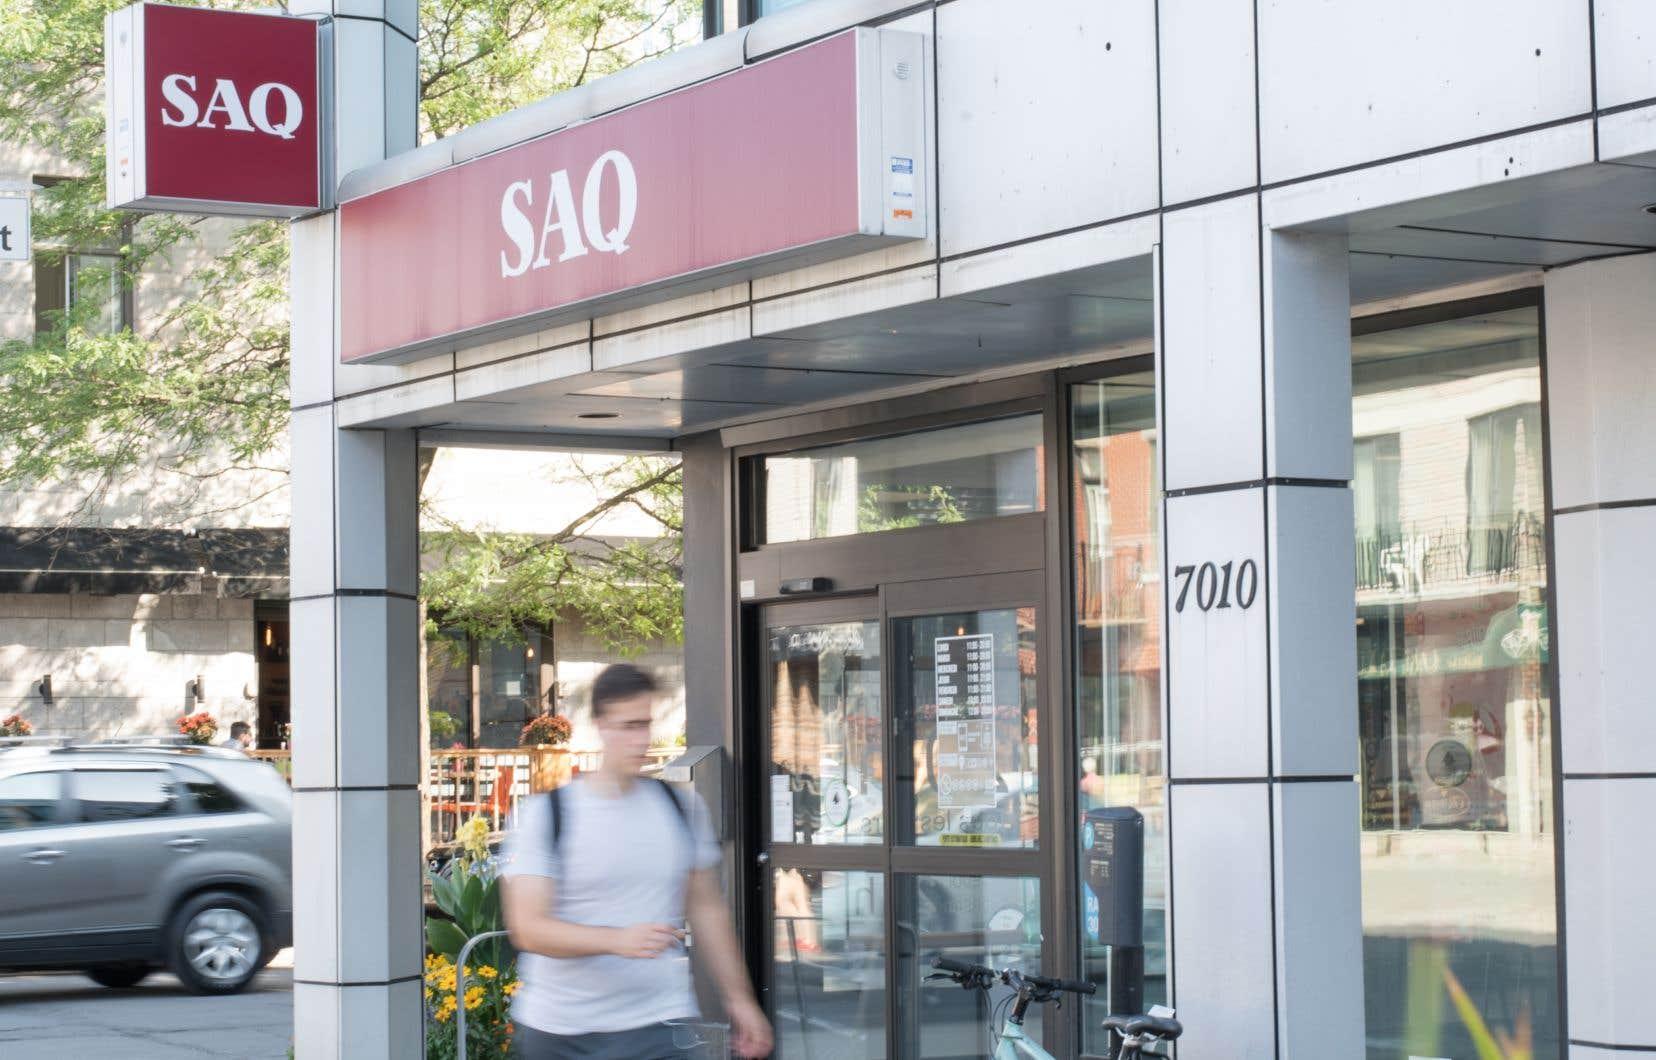 La SAQ précise qu'aucune donnée n'a fait l'objet d'une fuite.